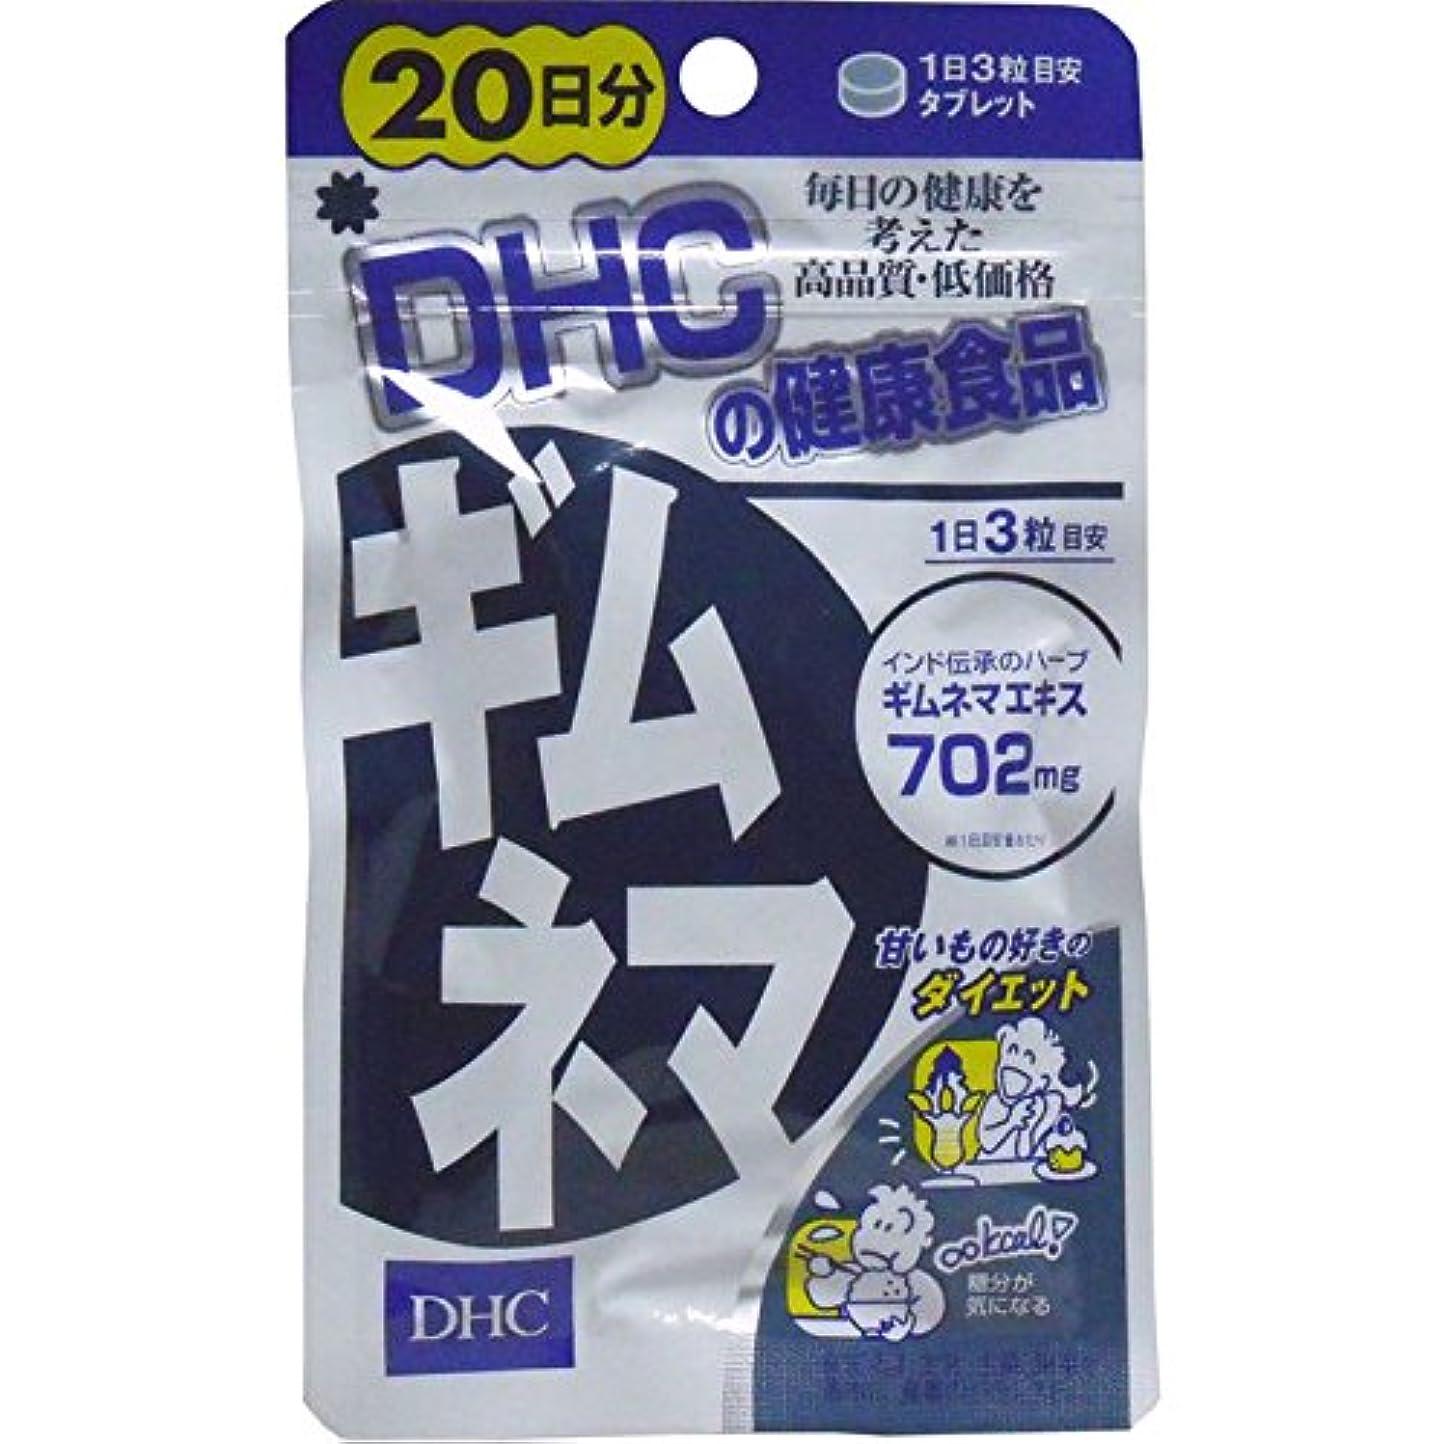 怠カテゴリー指導する糖分や炭水化物を多く摂る人に DHC ギムネマ 20日分 60粒